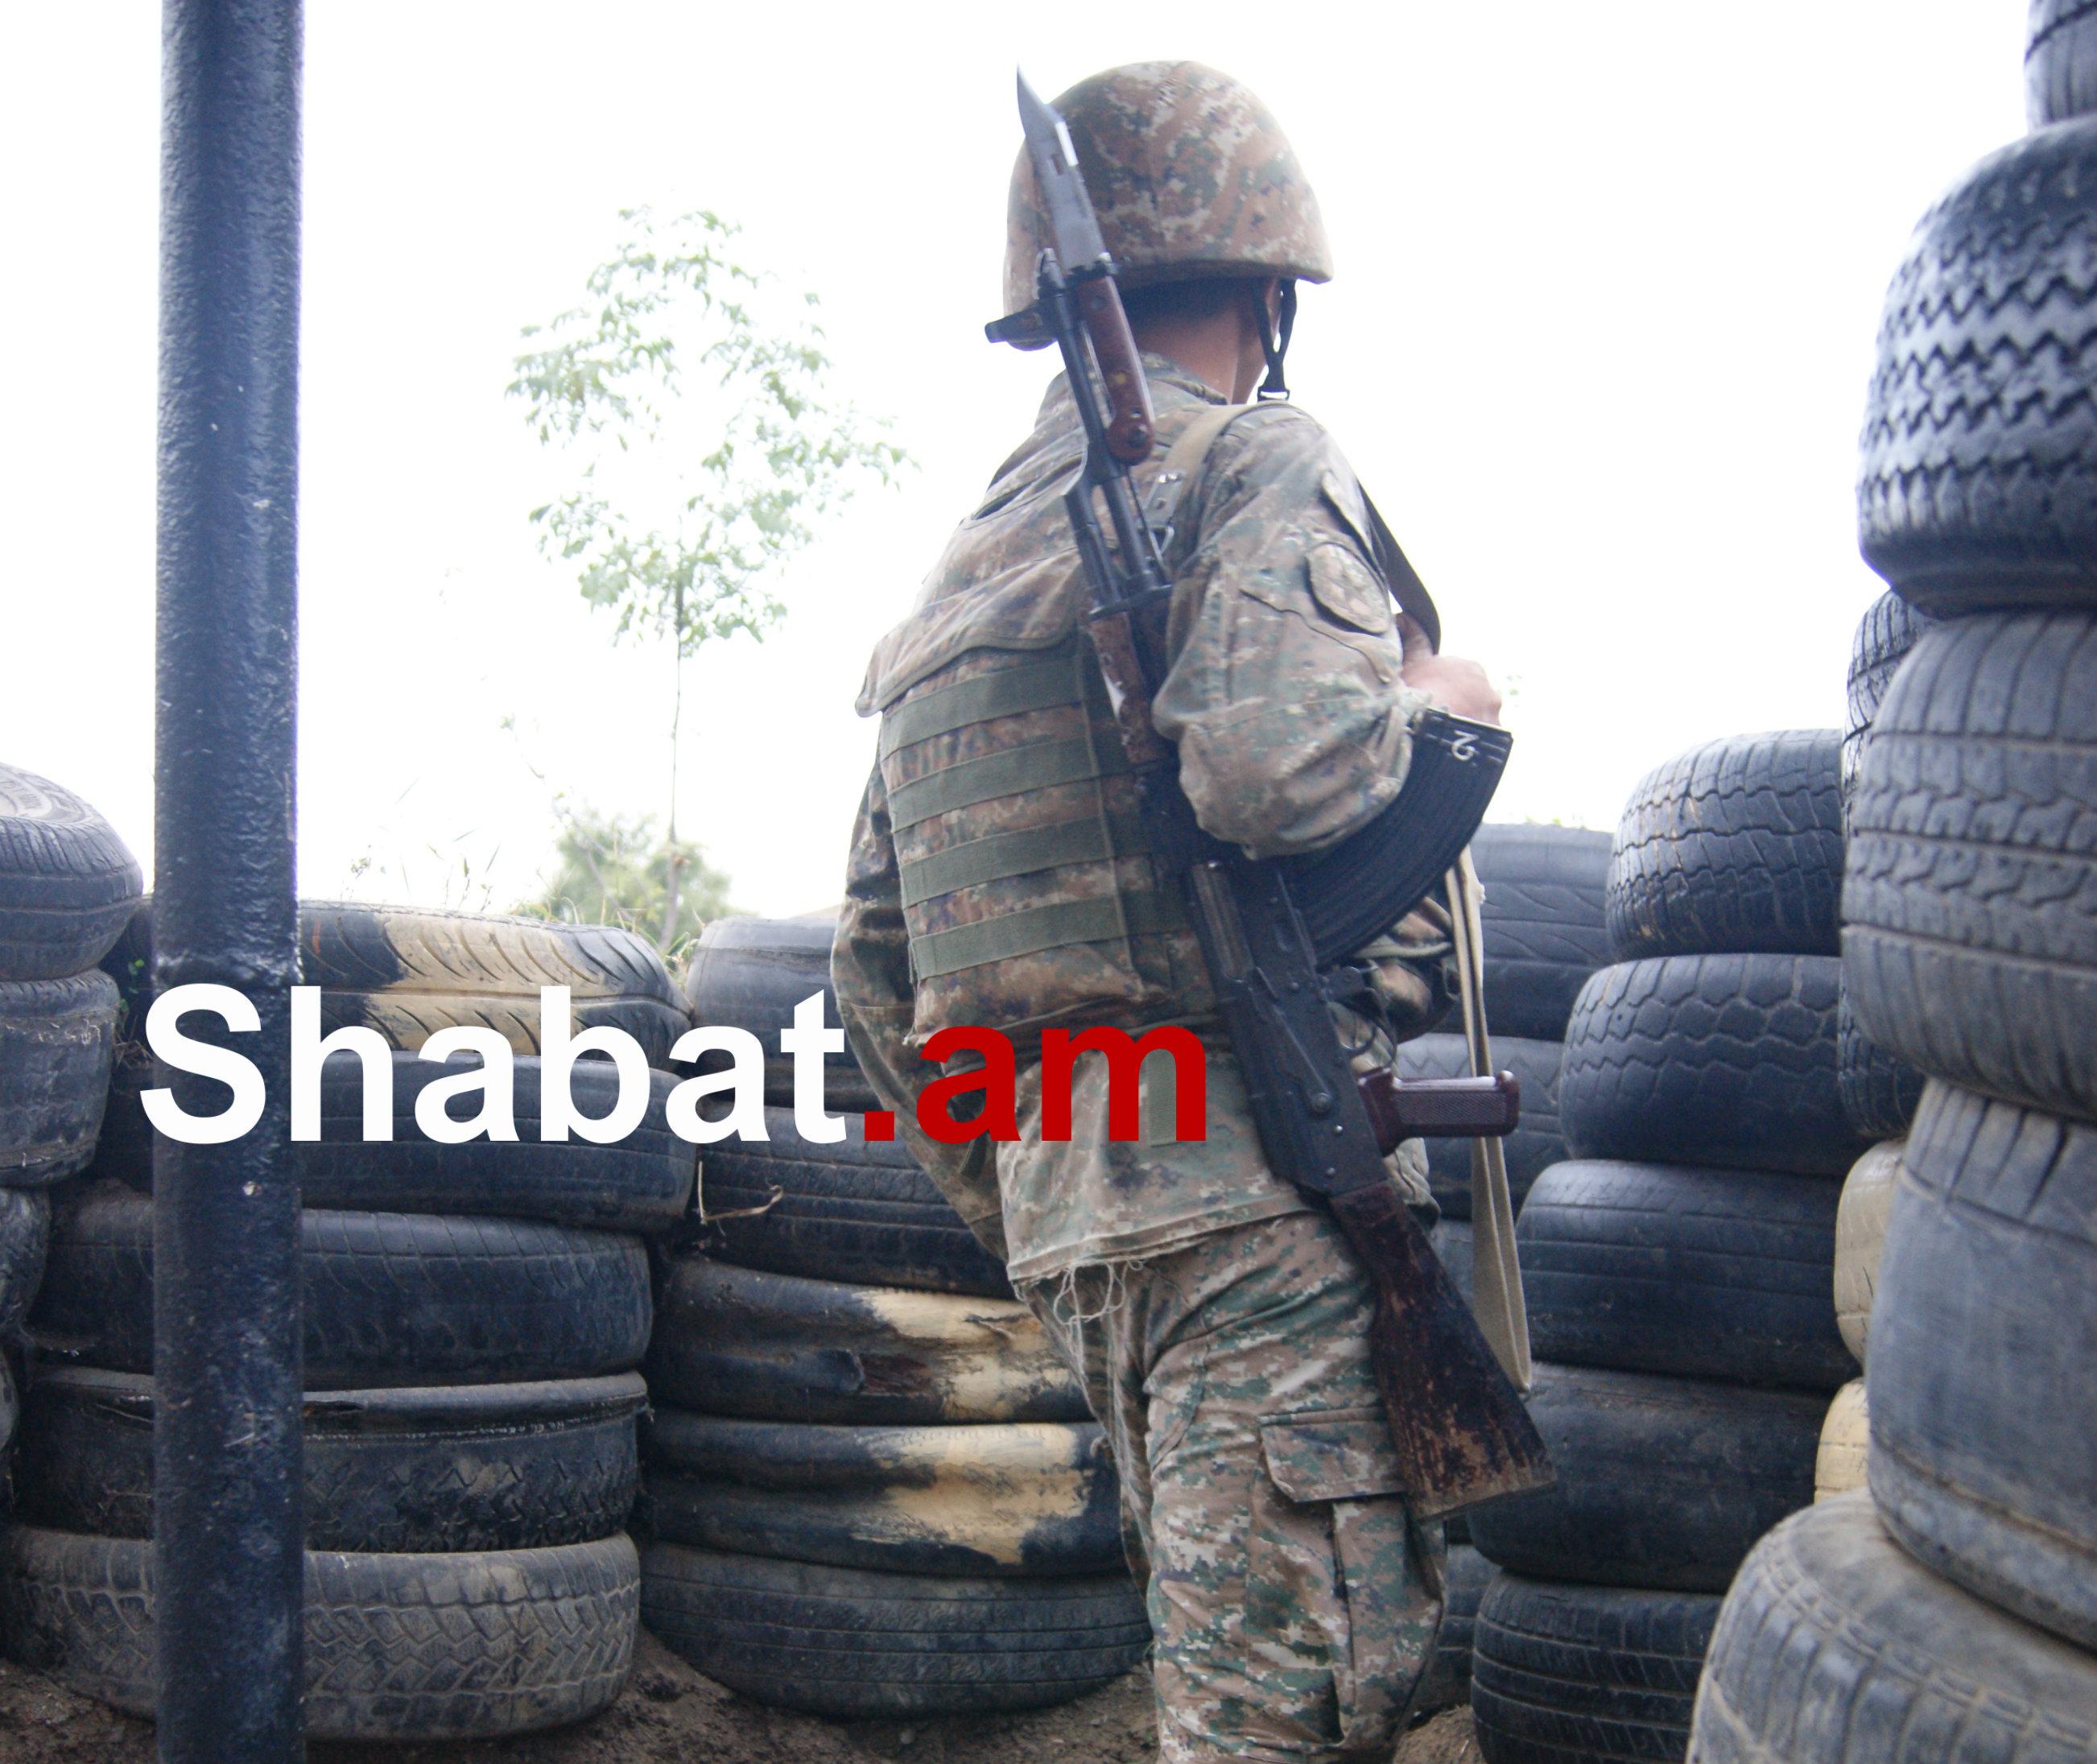 Հակառակորդը հայ դիրքապահների ուղղությամբ արձակել է ավելի քան 8000 կրակոց